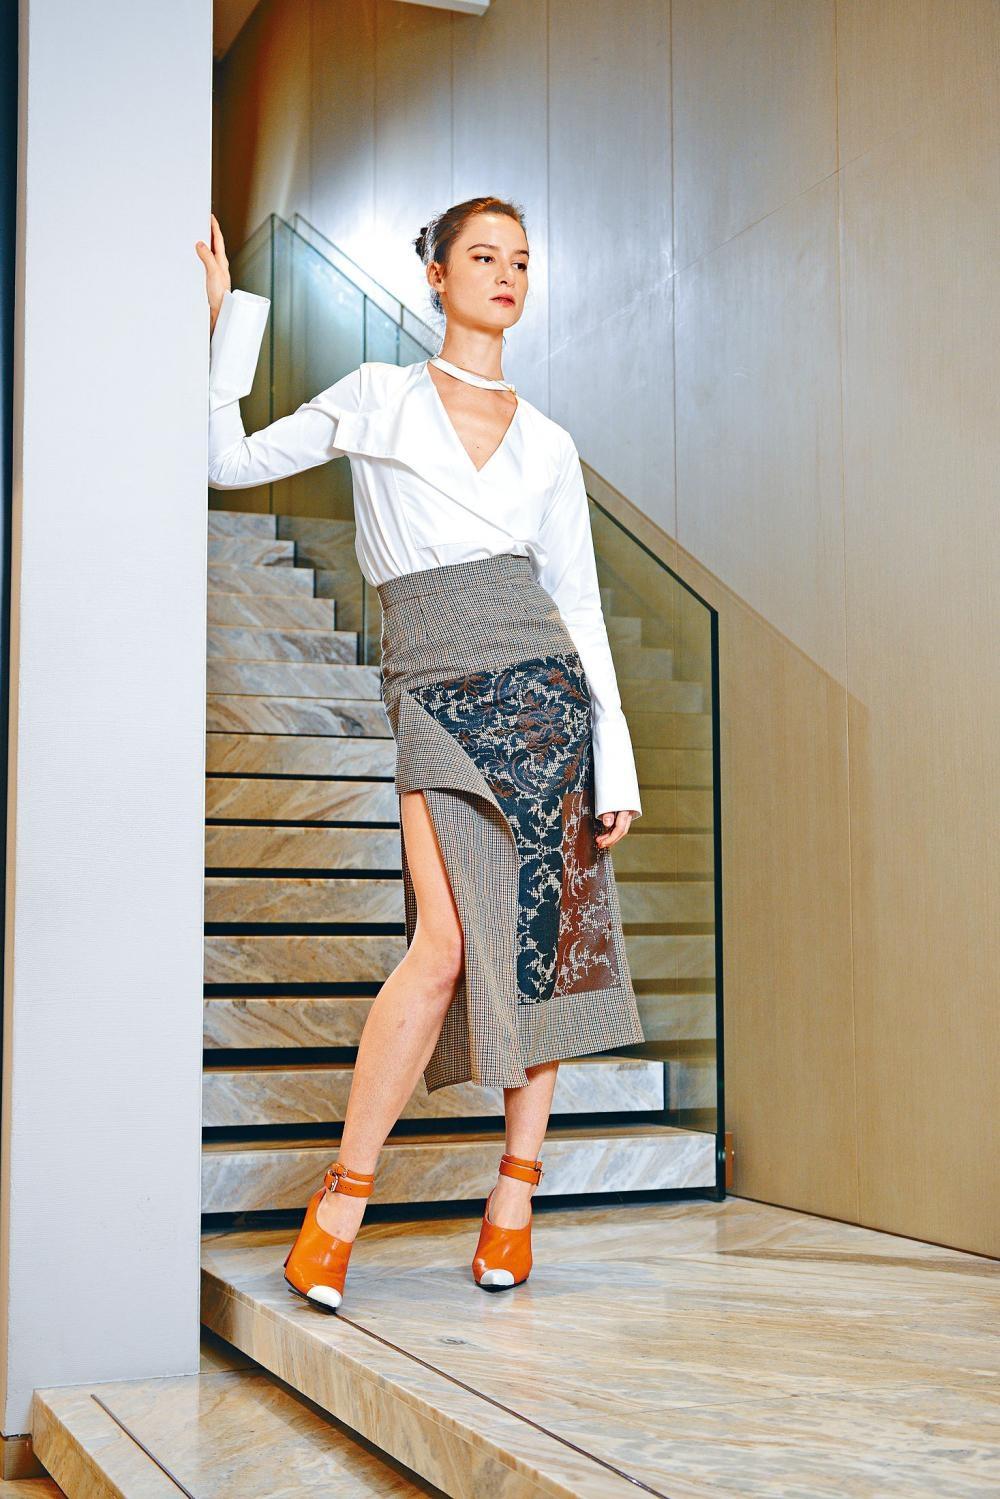 白色V領長袖恤衫,配襯格紋拼巴羅克式牆紙圖案半截裙,裙側採用開衩設計,帶來若隱若現的性感美態。